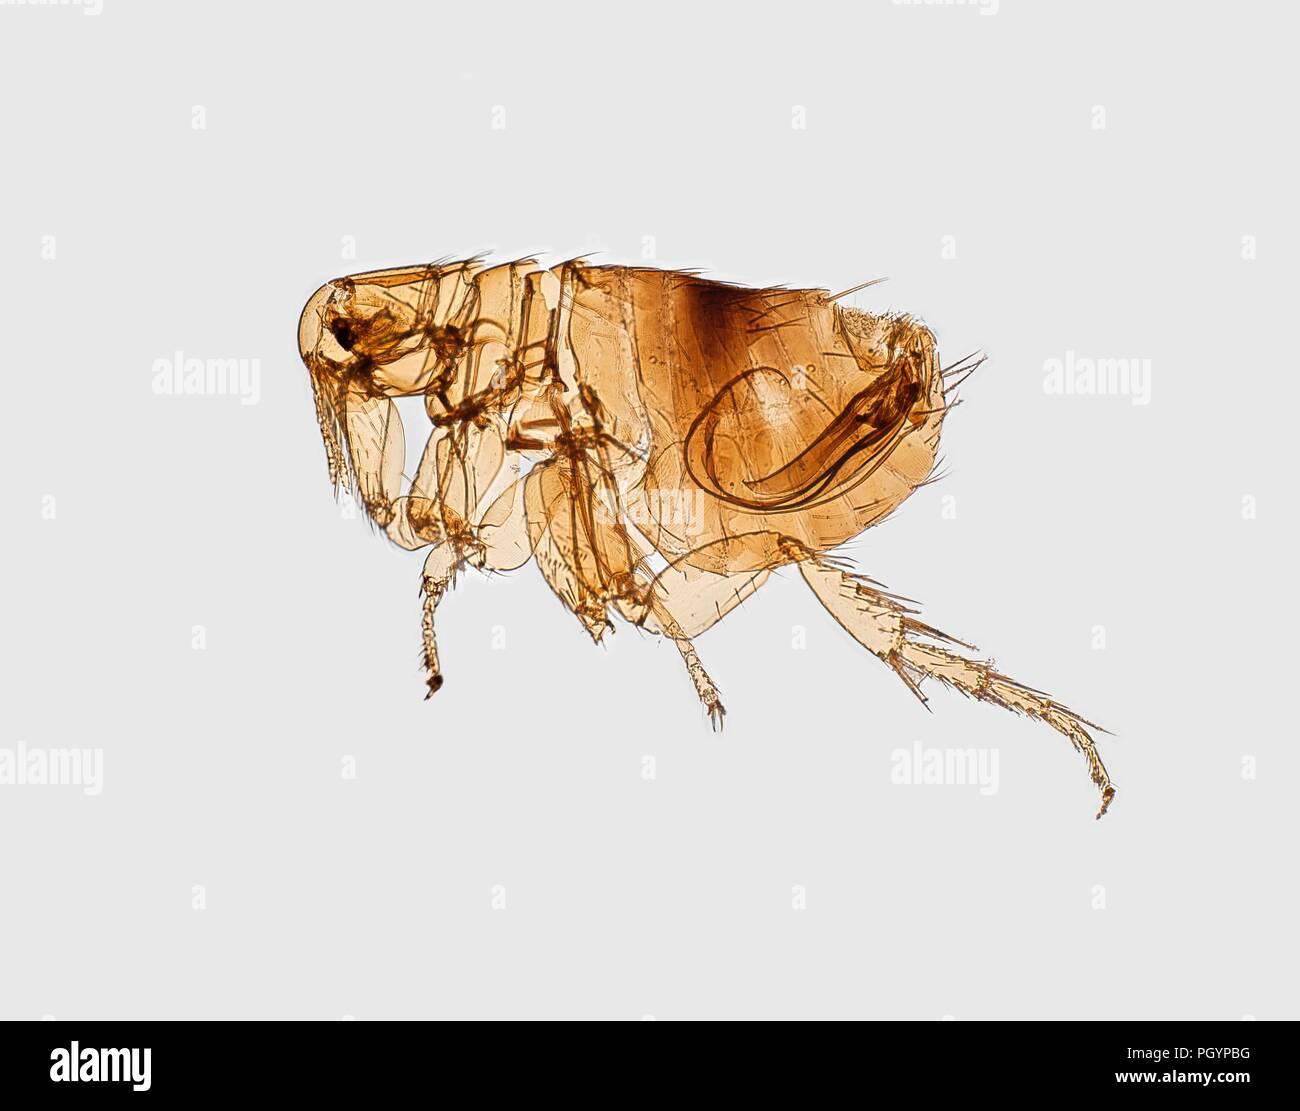 Morphologischen Merkmal eines Flohs in die digital dargestellt - eingefärbte Rasterelektronenmikroskopische (SEM) Bild, 2017. Mit freundlicher Seuchenkontrollzentren (CDC)/Ken Gage. () Stockbild